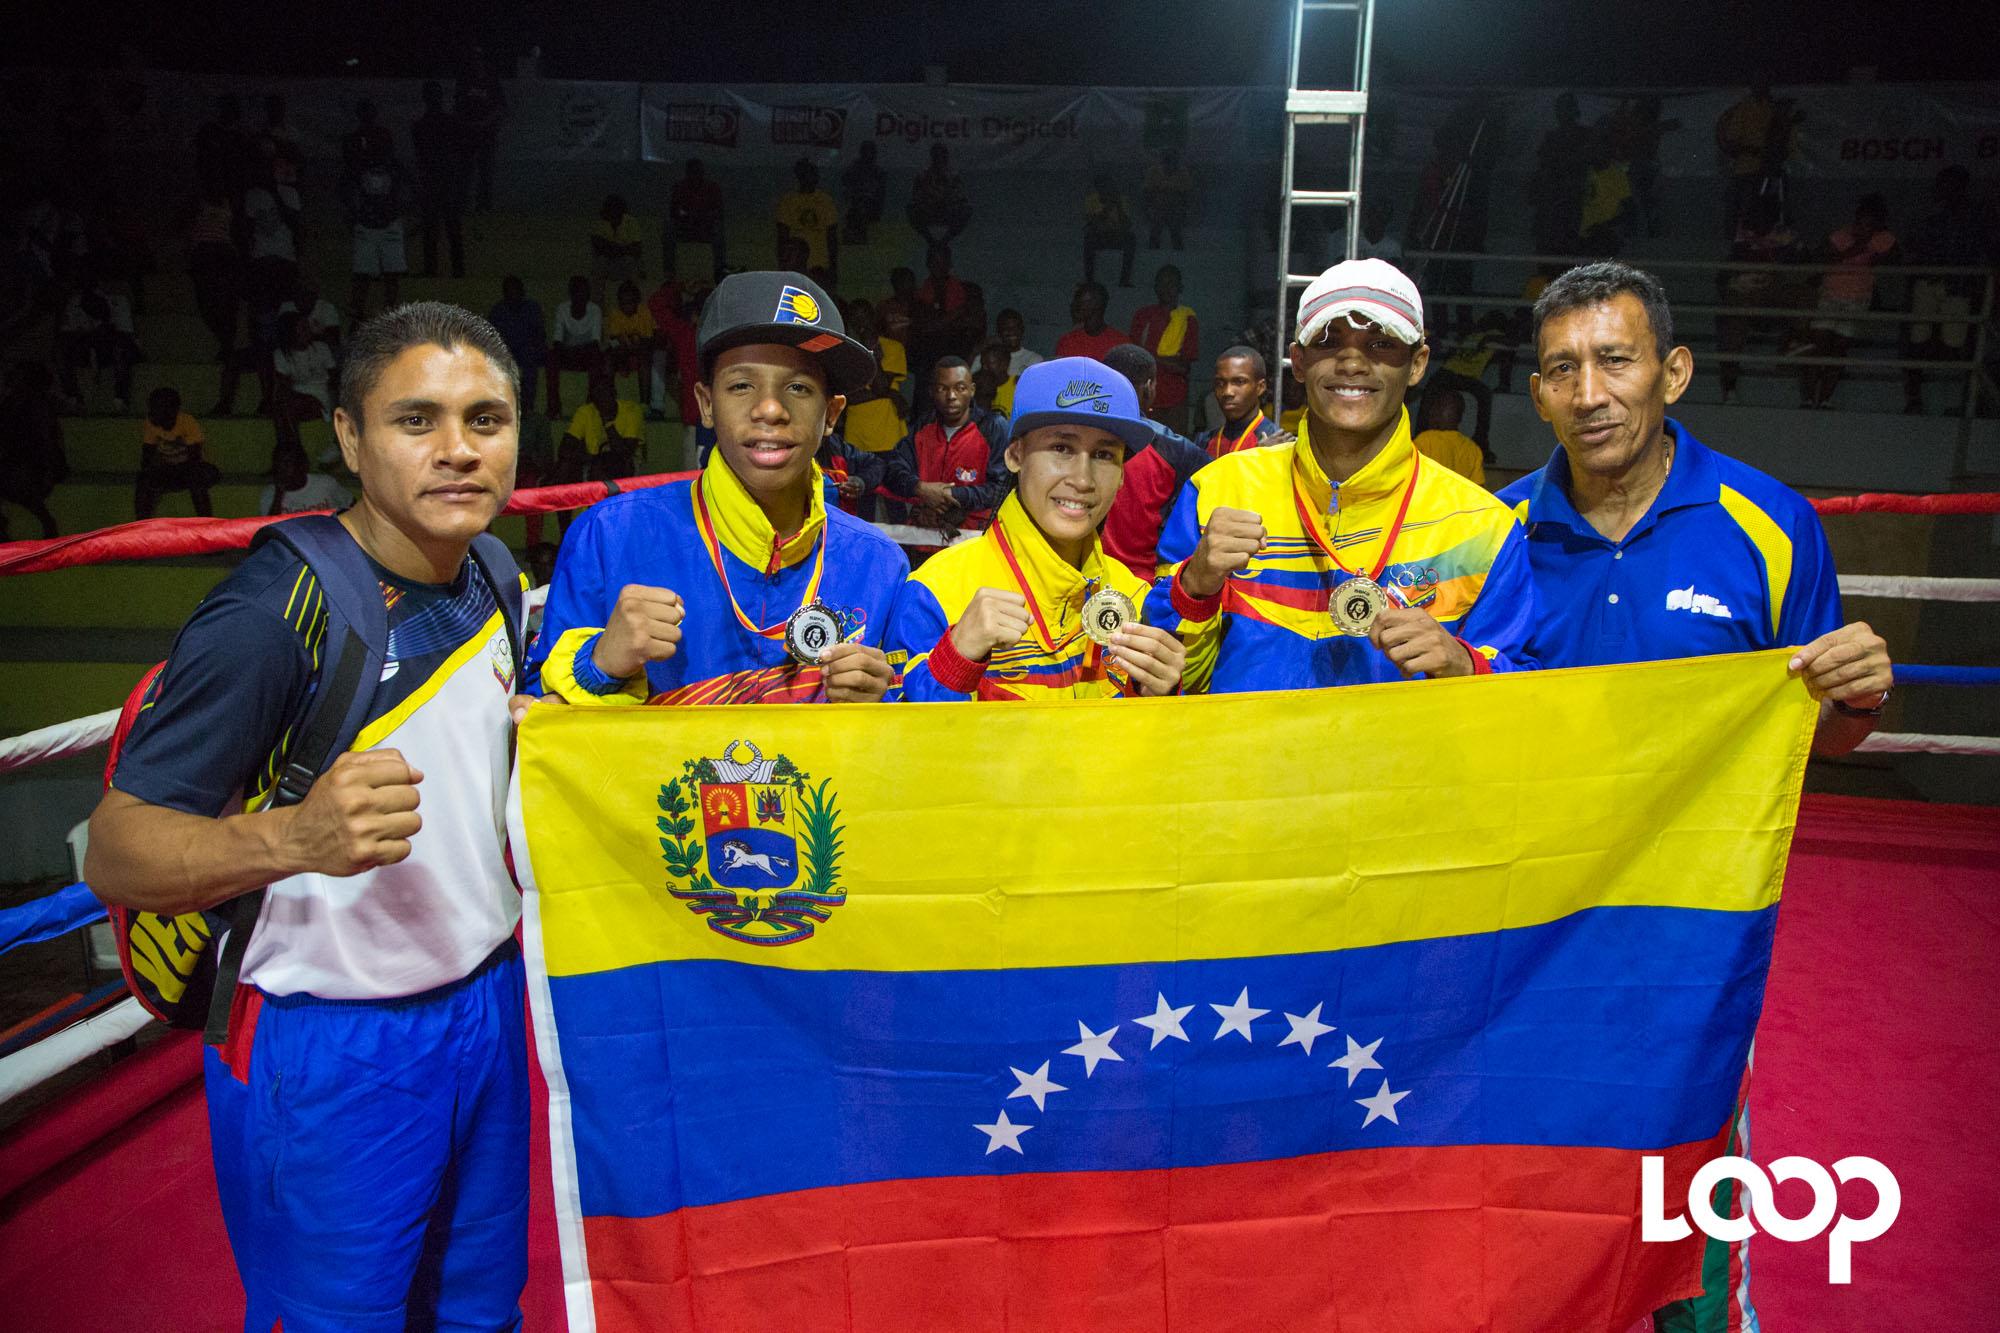 Une délégation de boxeurs professionnels vénézuéliens lors de la première édition du tournoi internationale de Boxe Hugo Chávez sur la place Hugo Chavez à Maïs Gâté./ Estailove St-Val/LoopHaïti